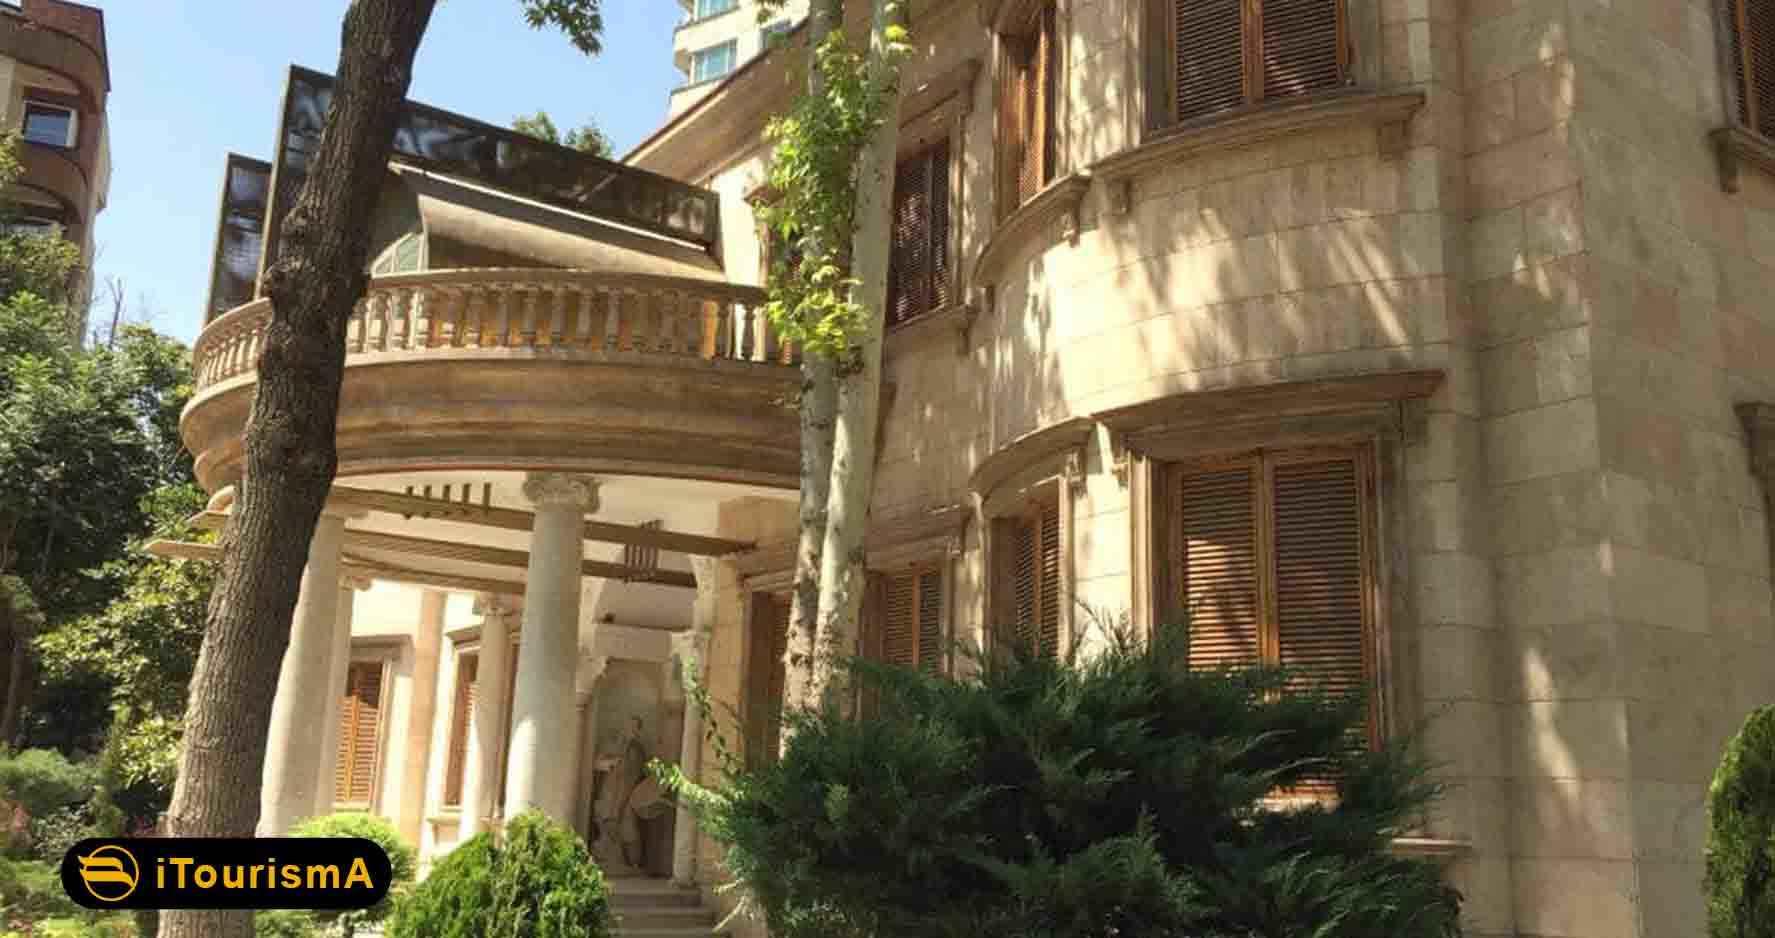 موزه موسیقی تهران در بنایی تاریخی قرار گرفته است